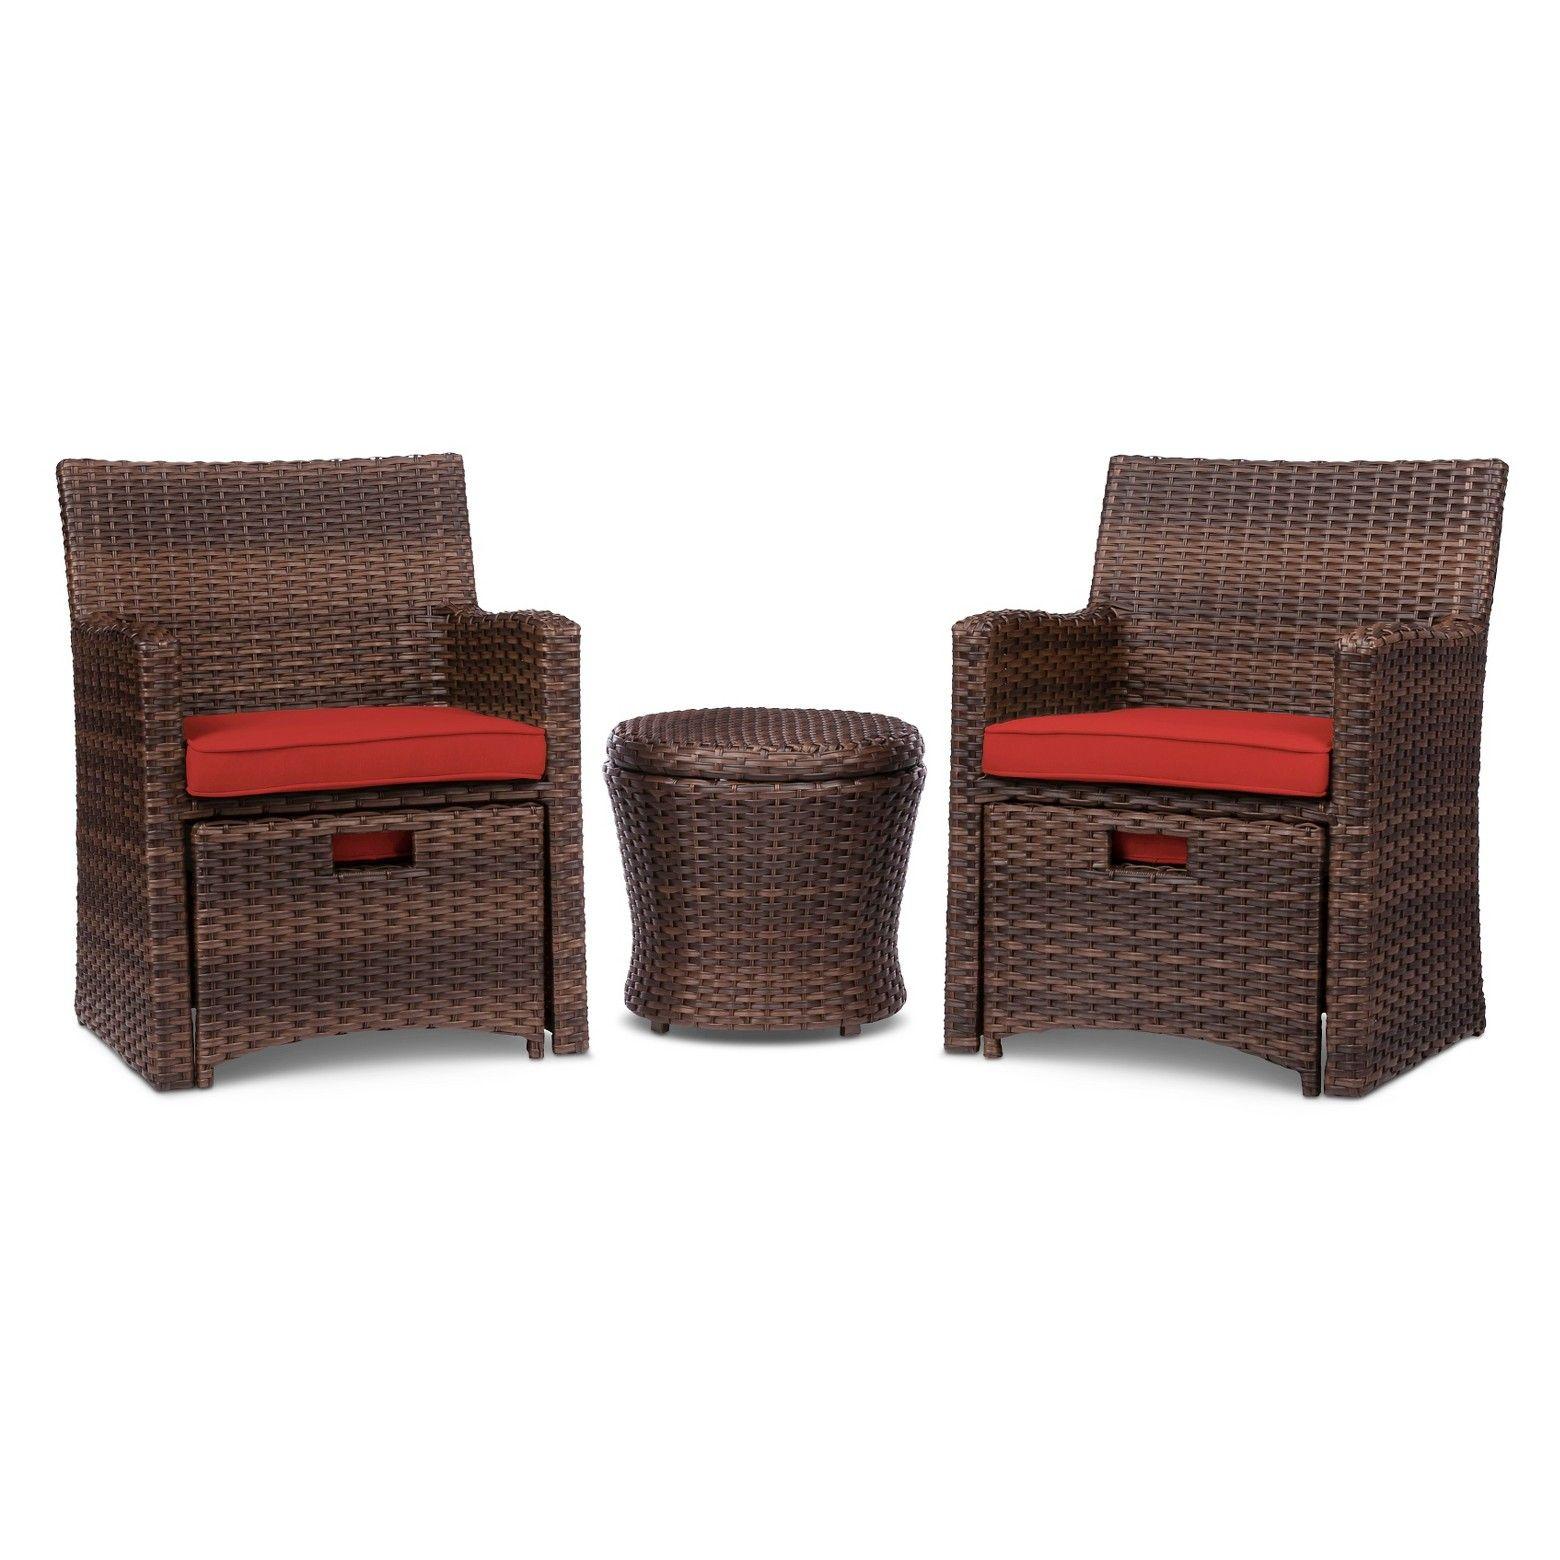 Unique Small Space Patio Furniture Sets